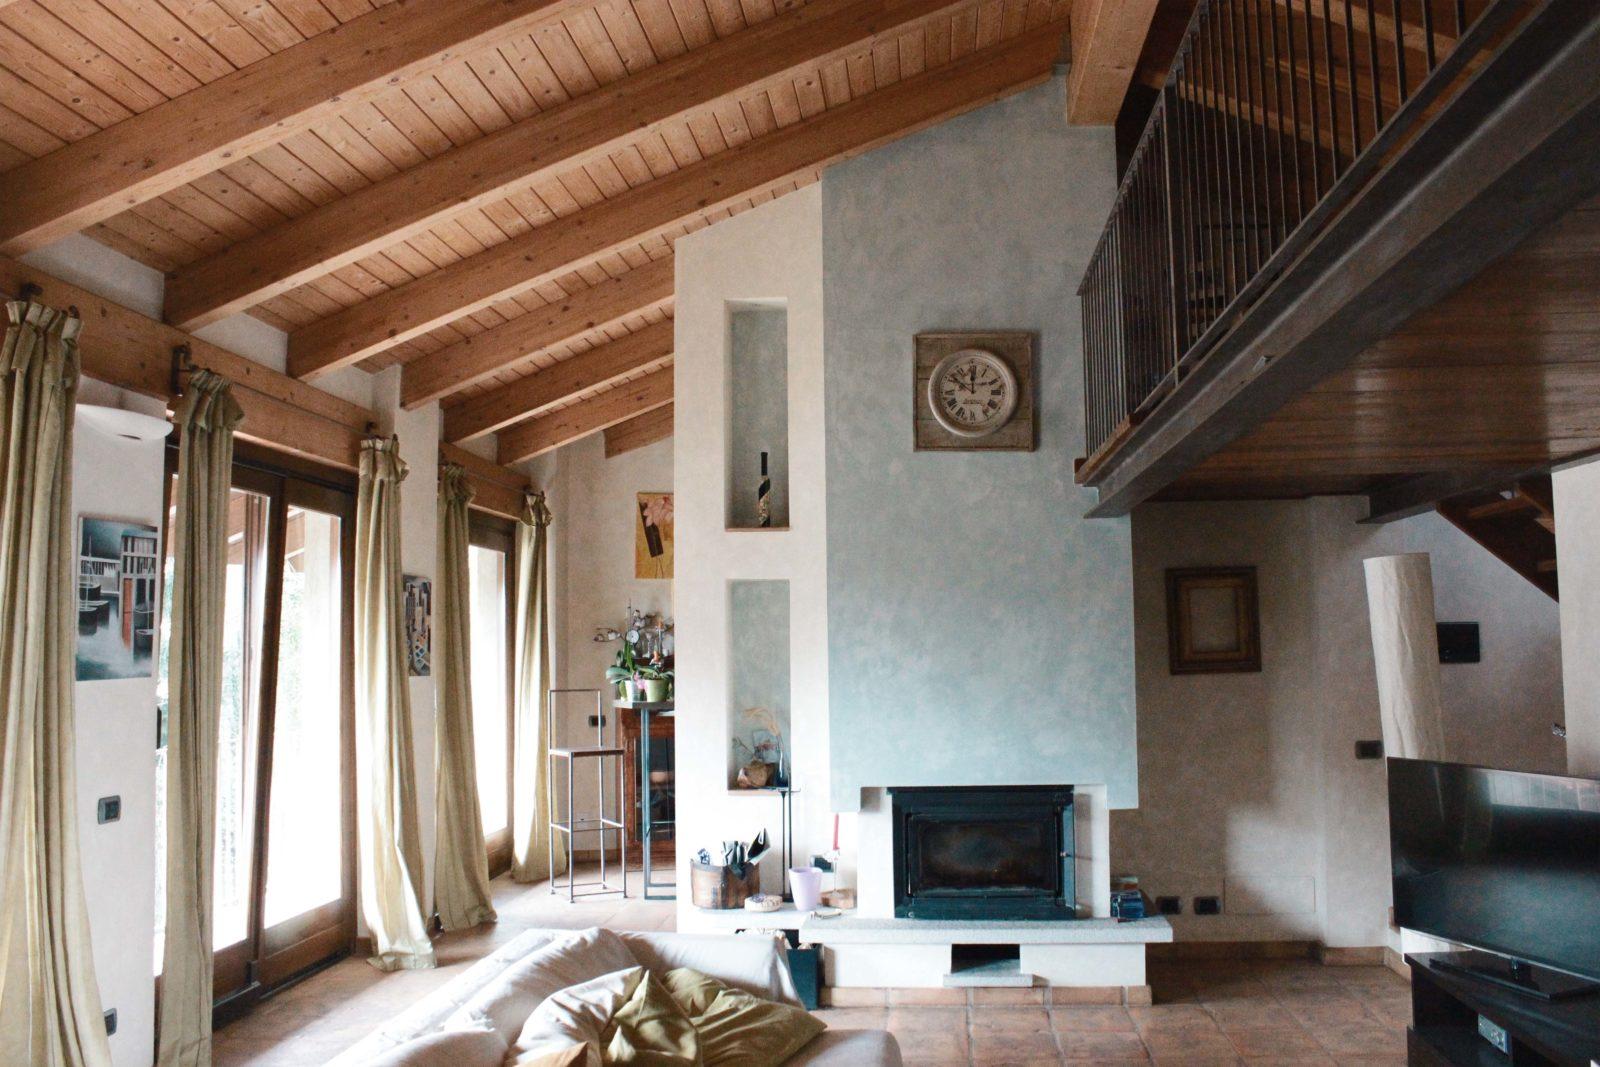 Alberto-Nisci-interior-designer-torino-Appartamento-6-e1474728932432